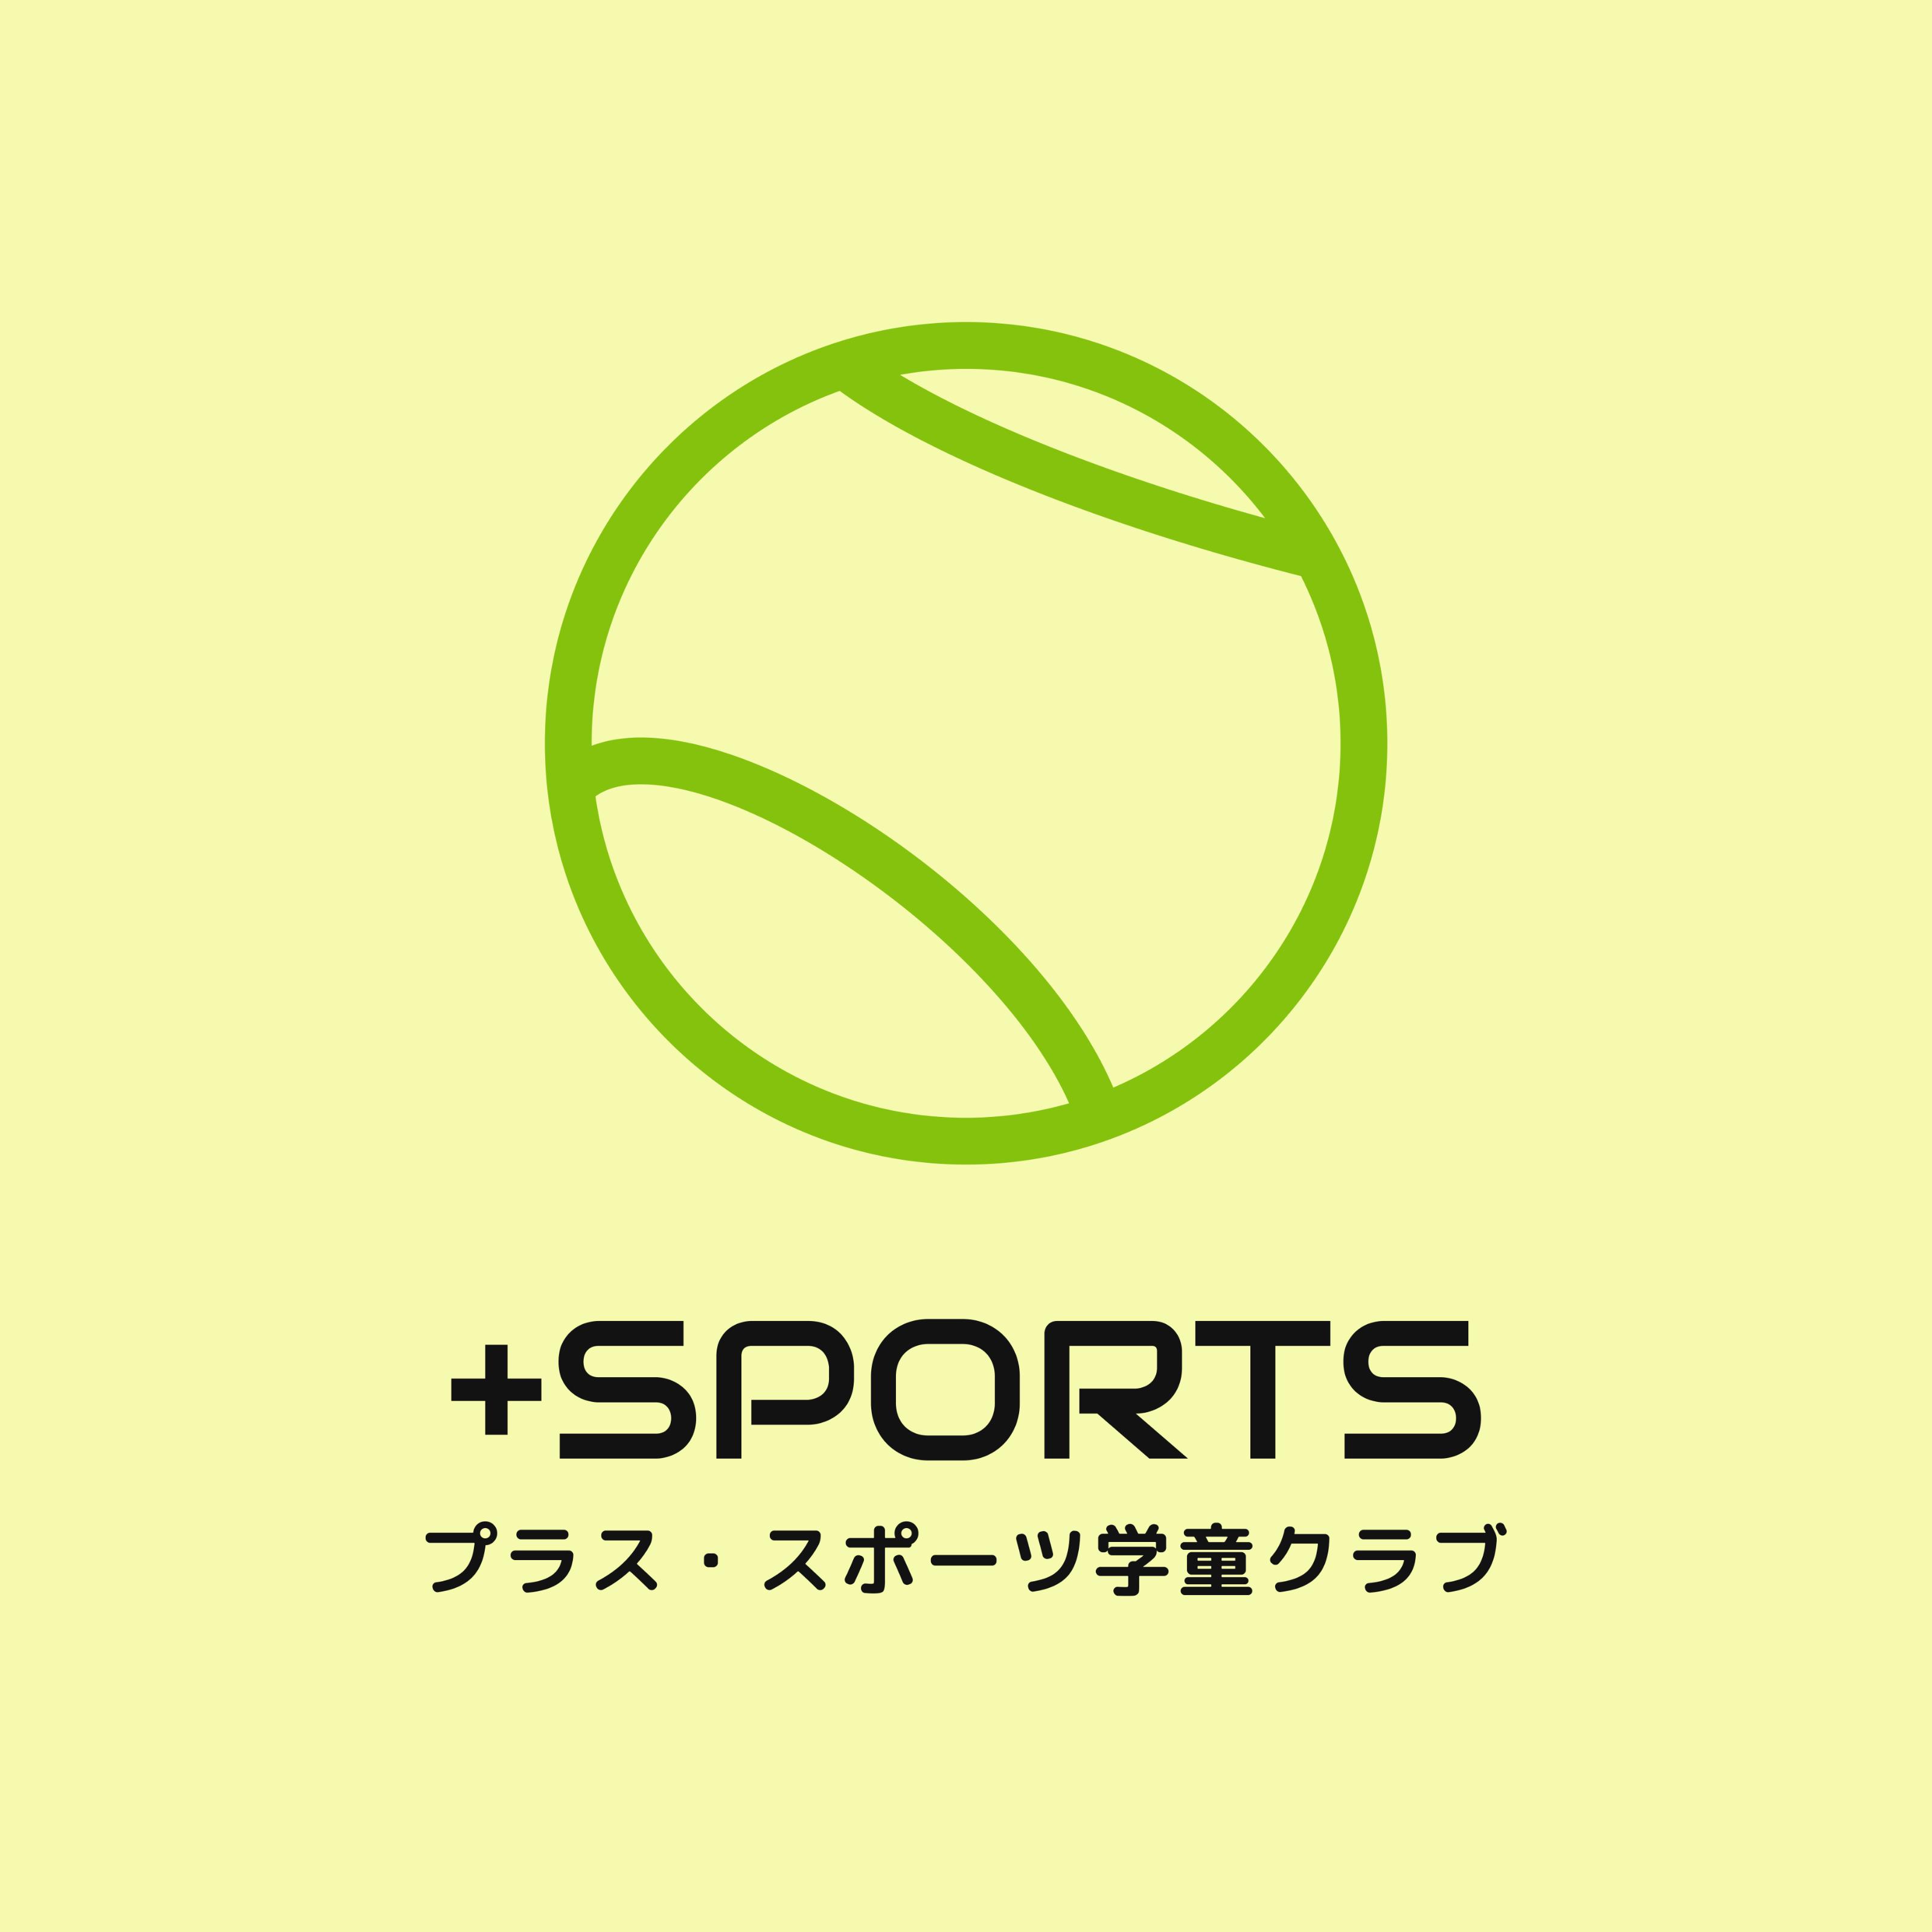 プラス・スポーツ学童クラブ